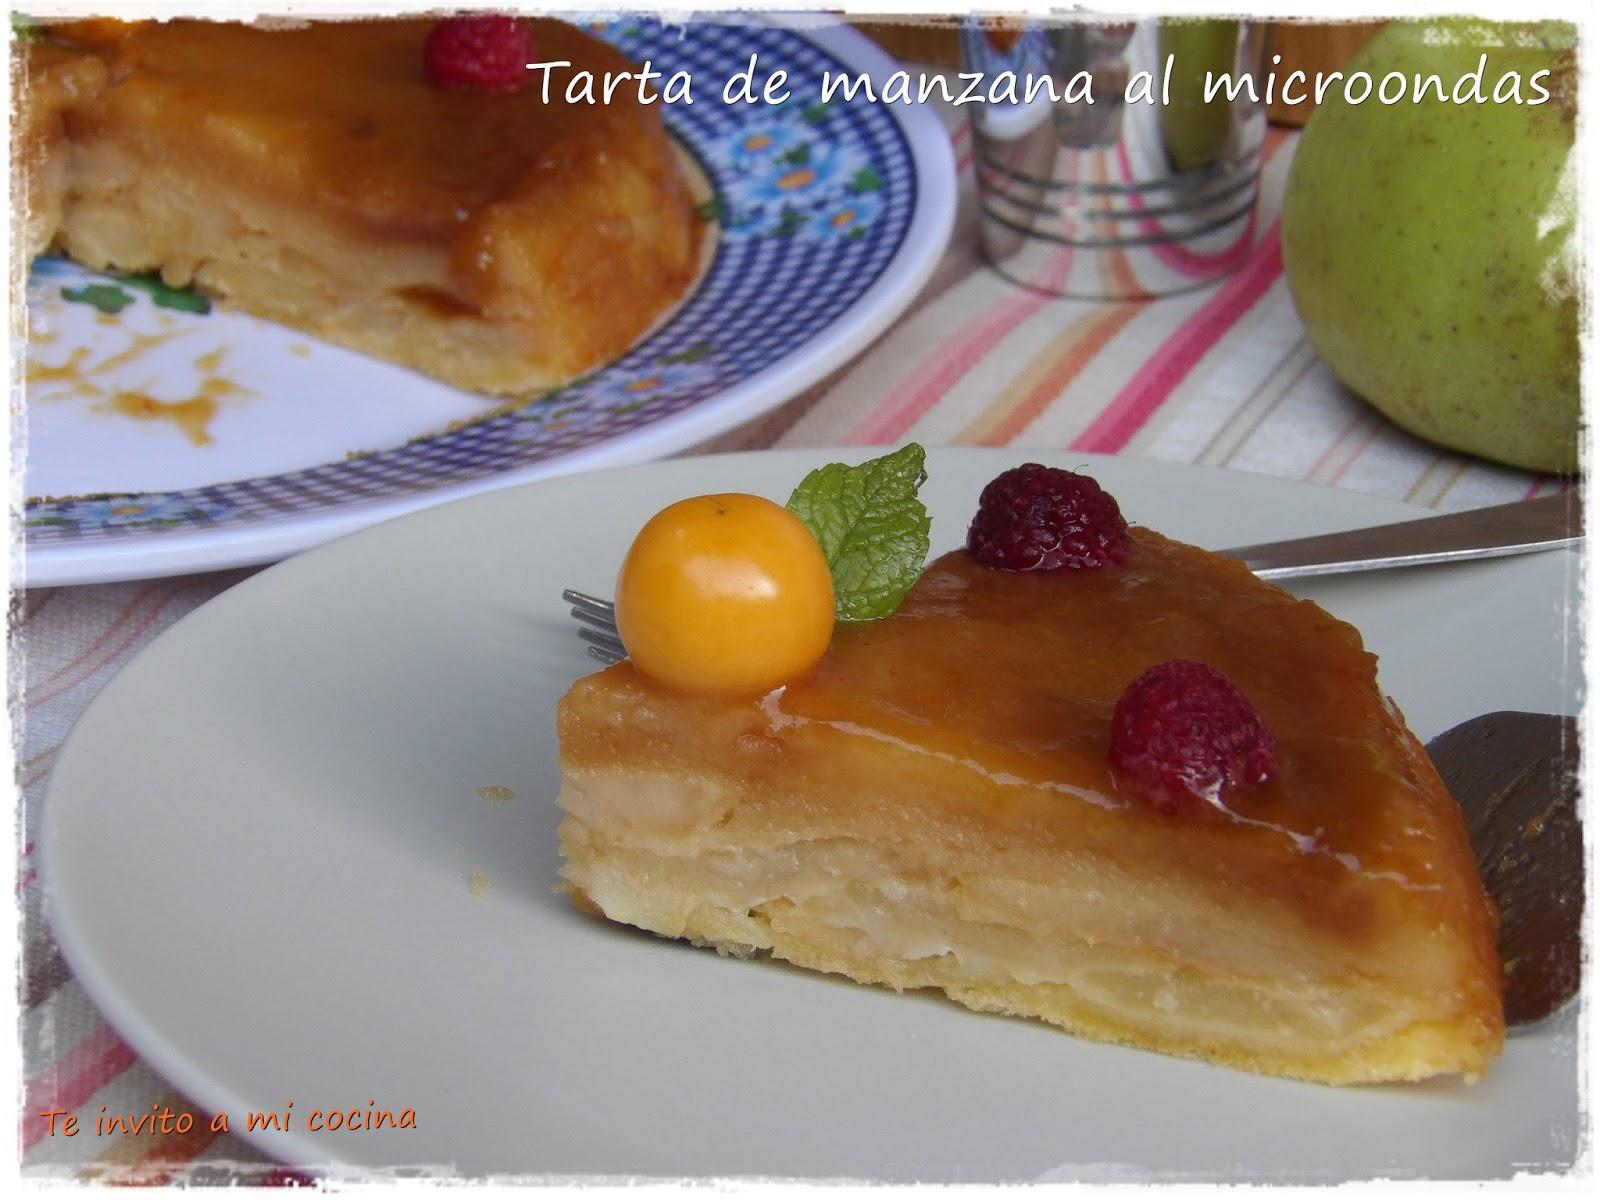 Te invito a mi cocina tarta de manzana al microondas for Cocina al microondas